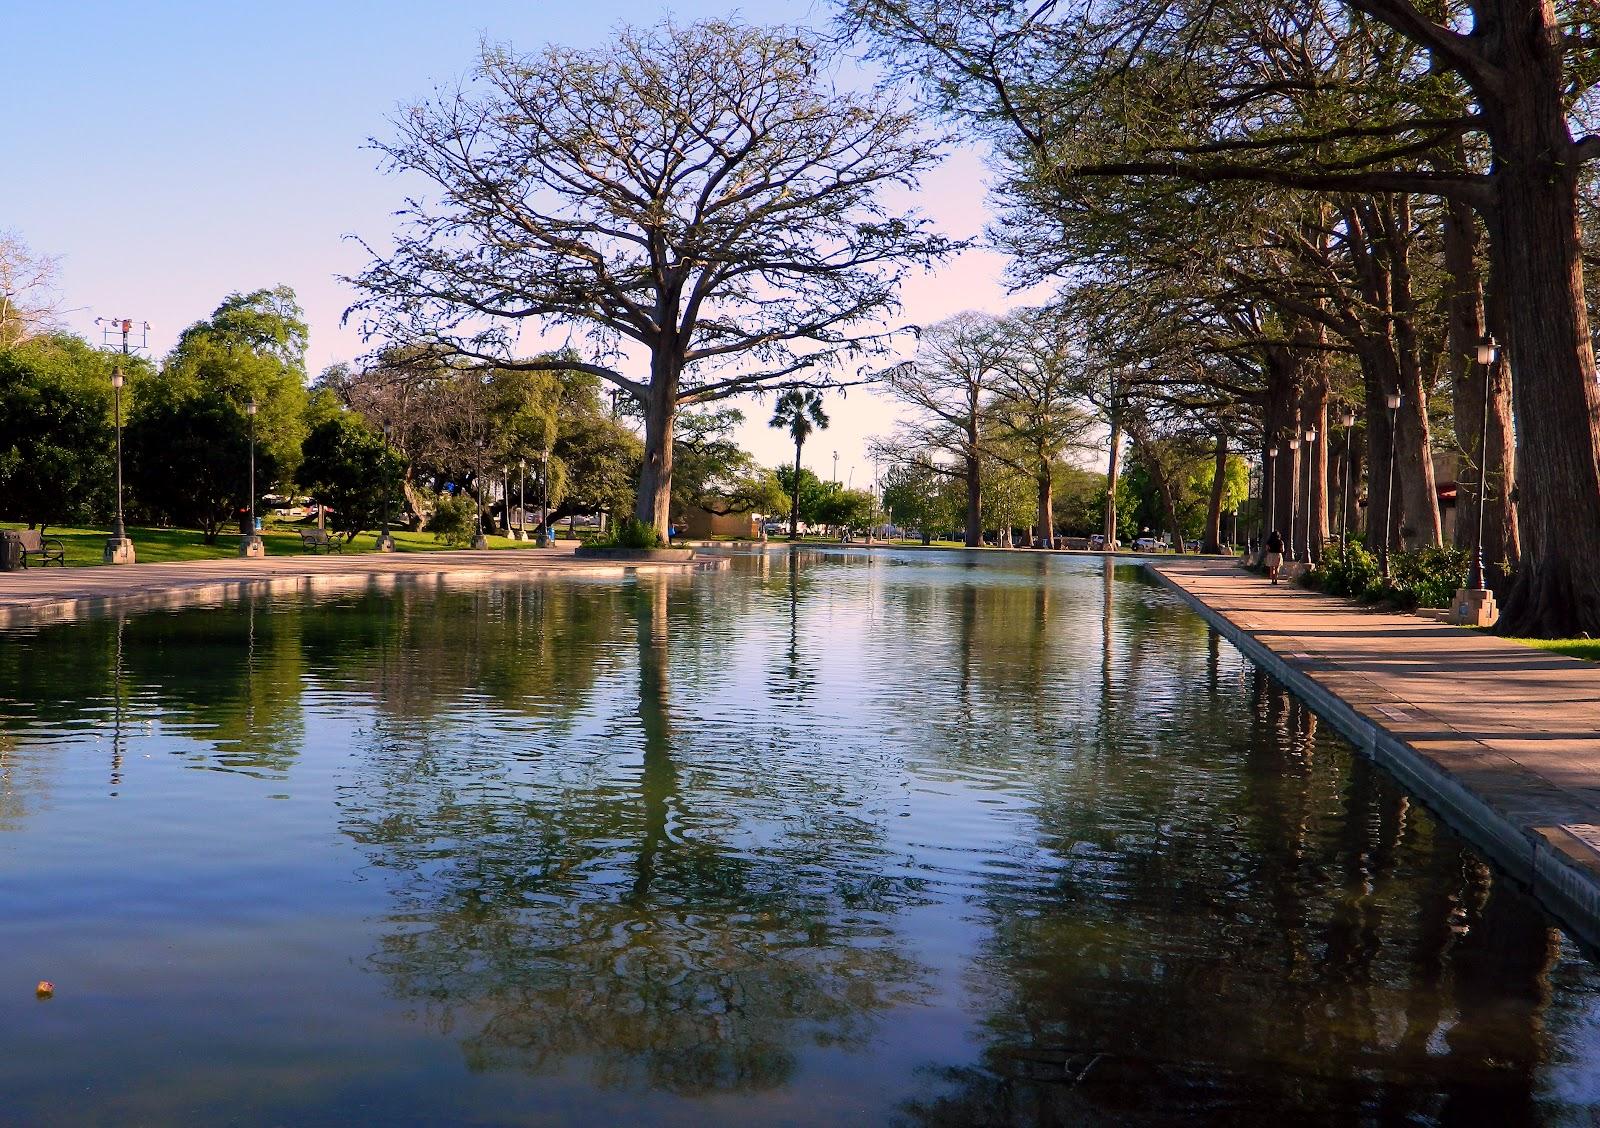 San Pedro Park: San Antonio, Texas | NDVMedia: